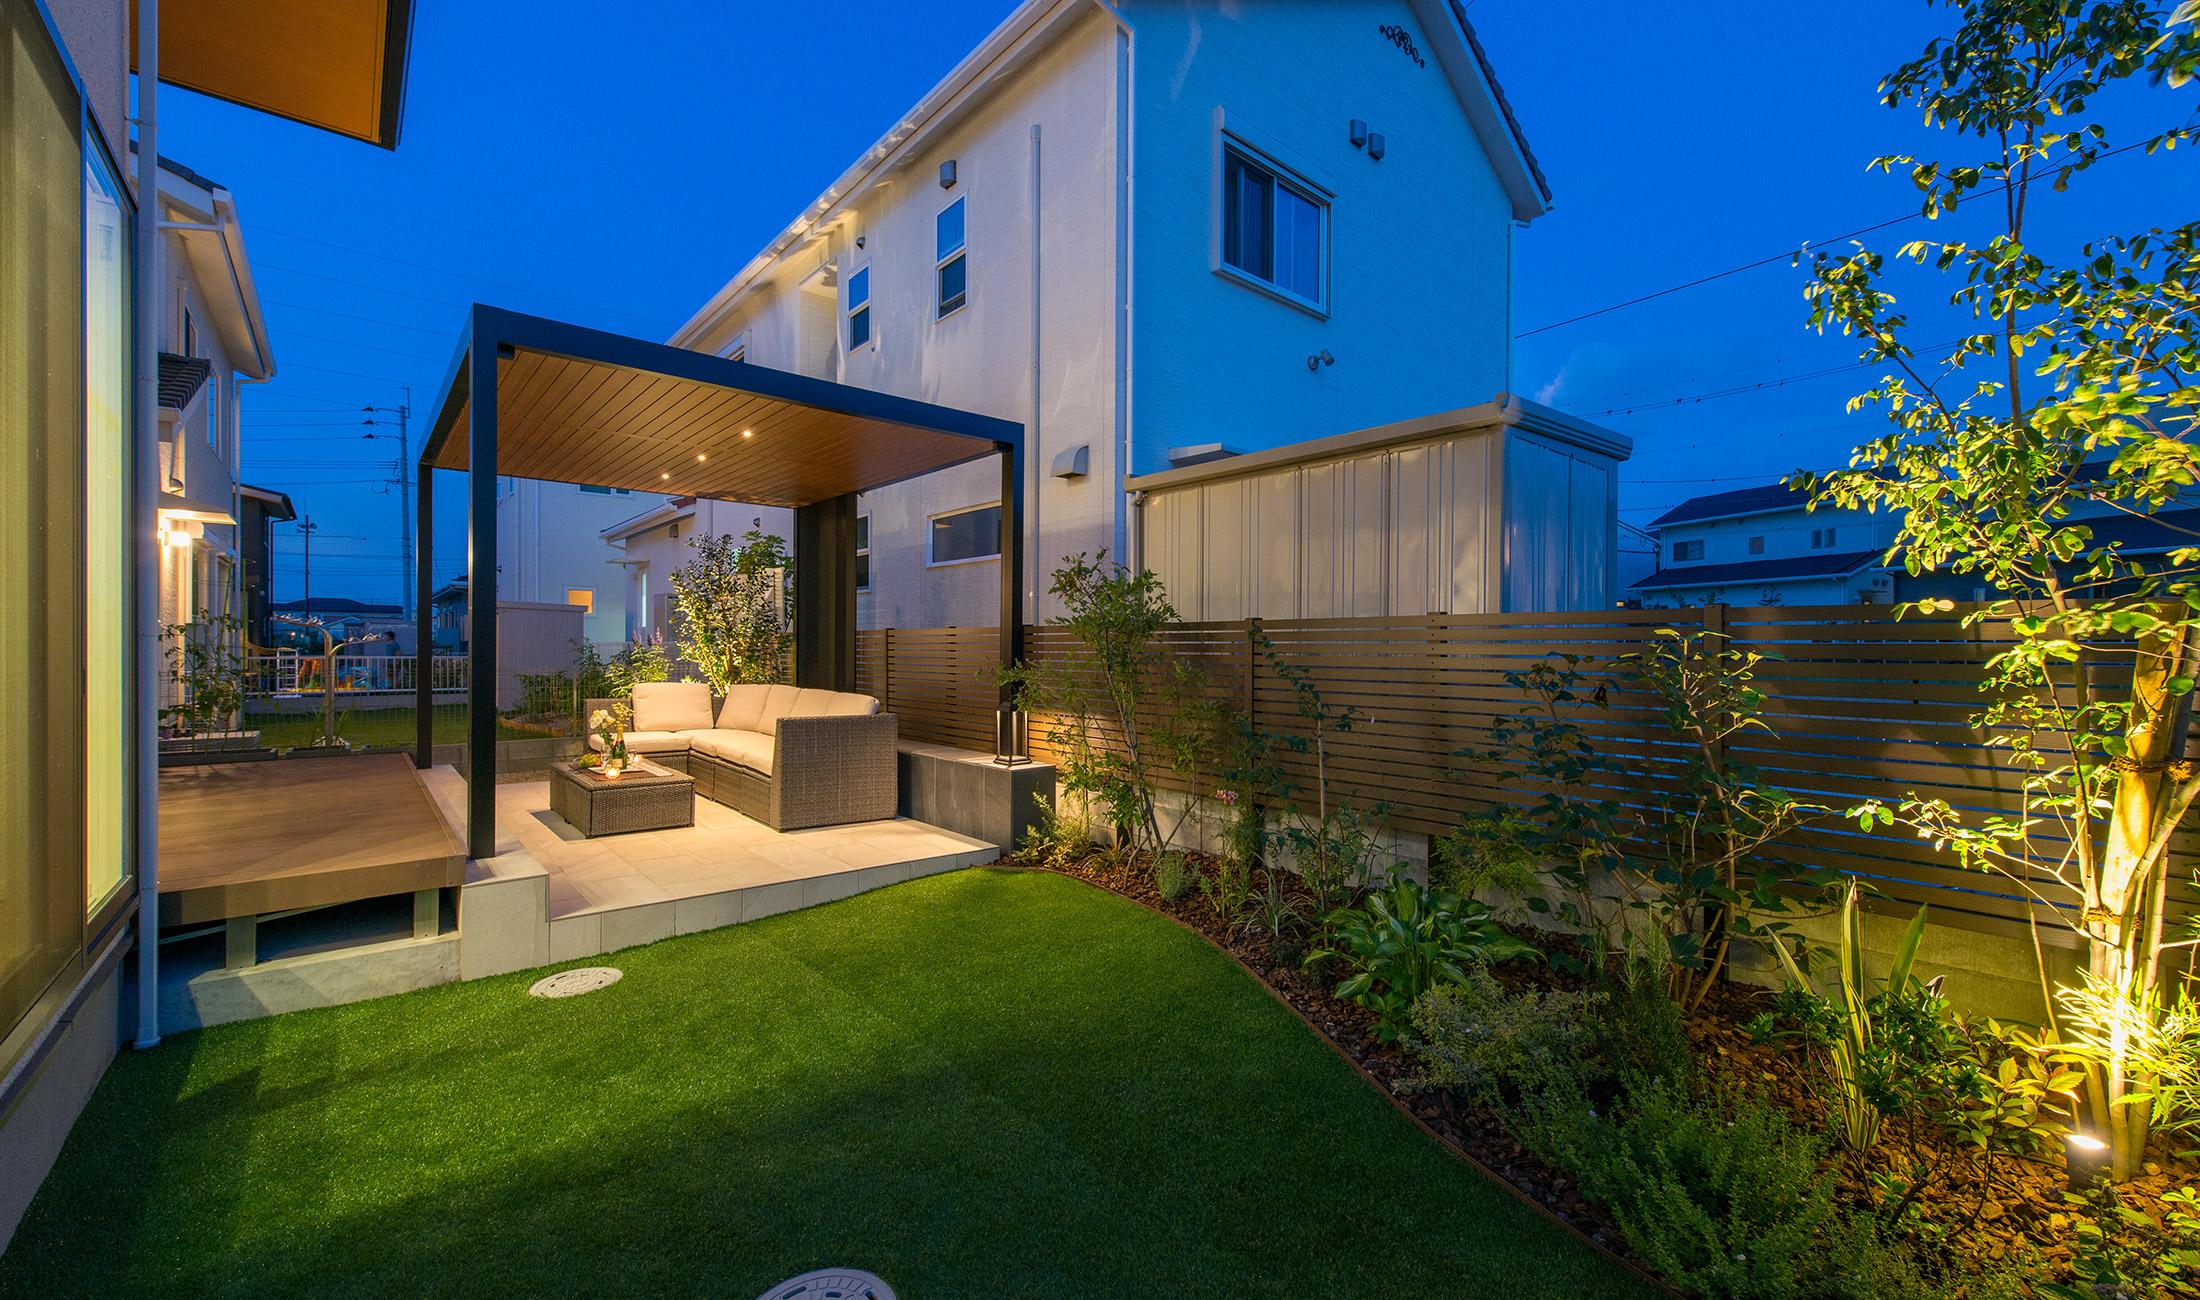 お客様インタビュー 福岡  庭リフォーム「我が家の庭が輝いて見えます!」